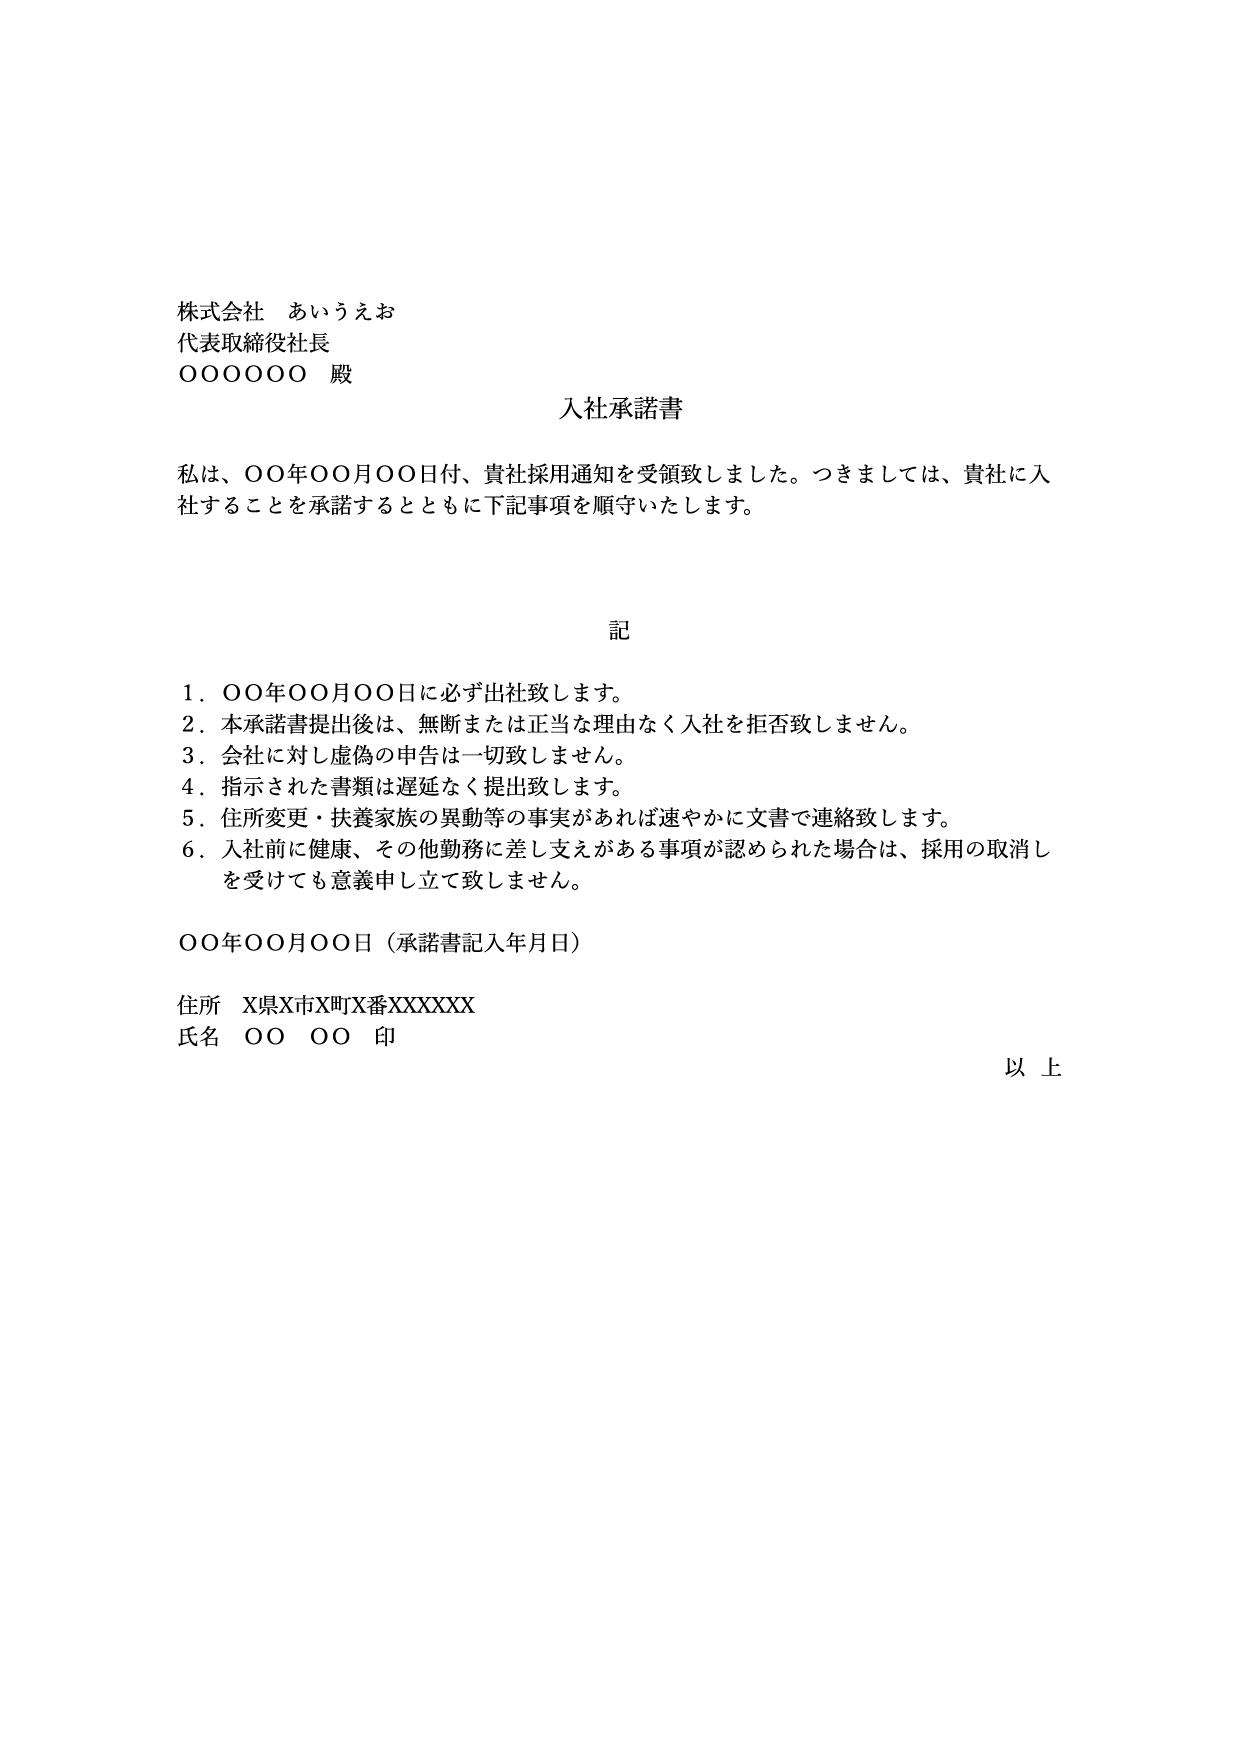 承諾書文例テンプレート(ワード・ページズ)